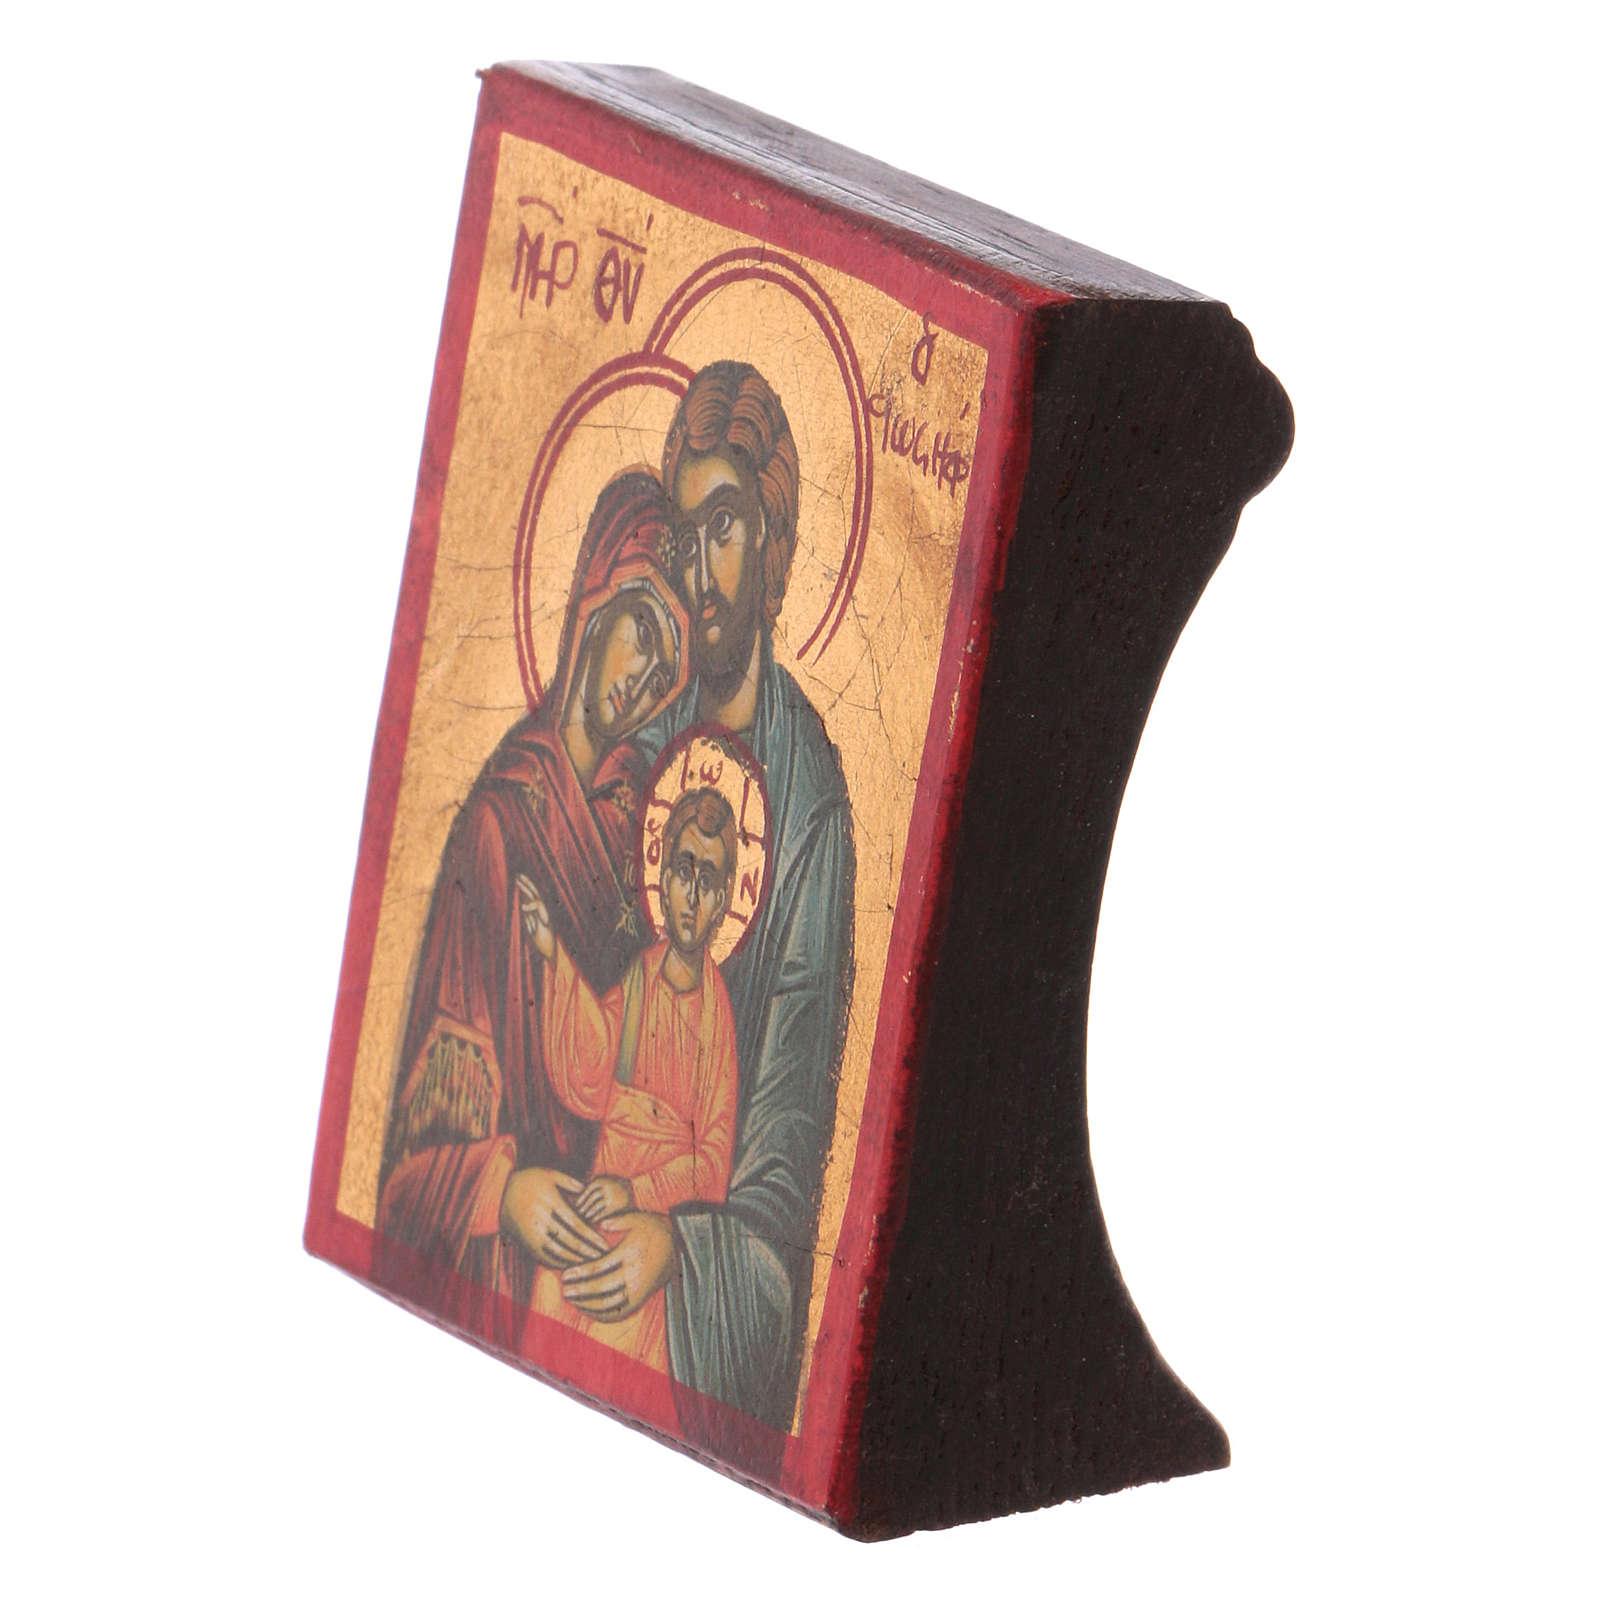 Ícone Sagrada Família serigrafia madeira trabalhada 4